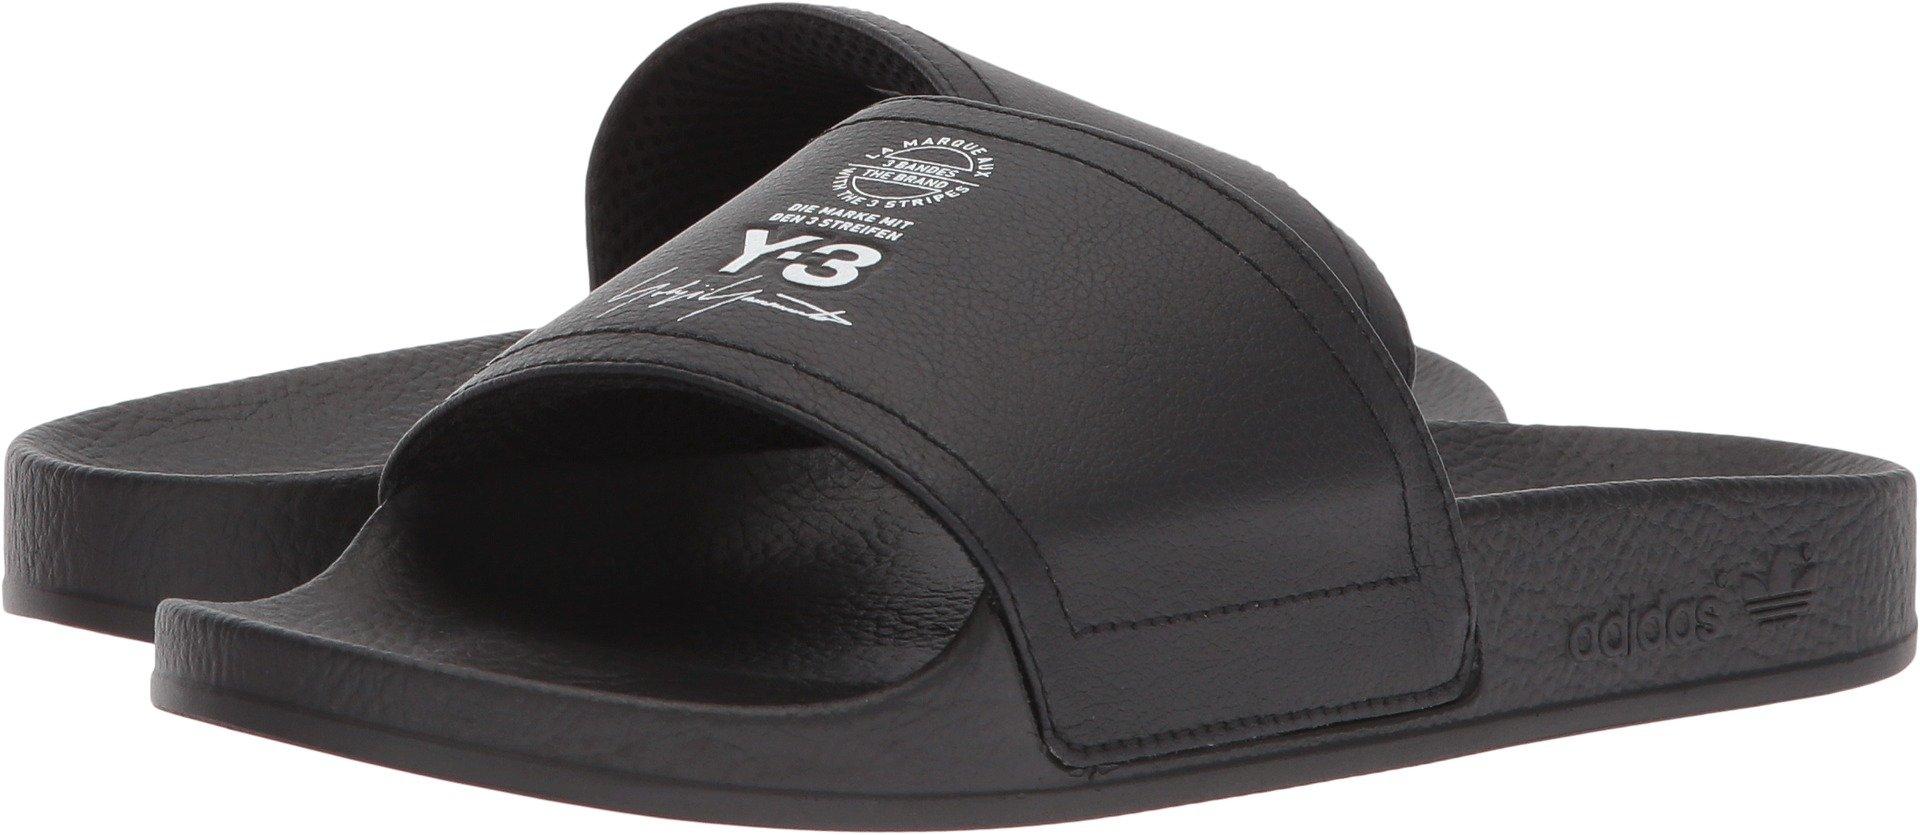 adidas Y-3 by Yohji Yamamoto Unisex Adilette Core Black/Footwear White/Core Black 11 M UK by adidas Y-3 by Yohji Yamamoto